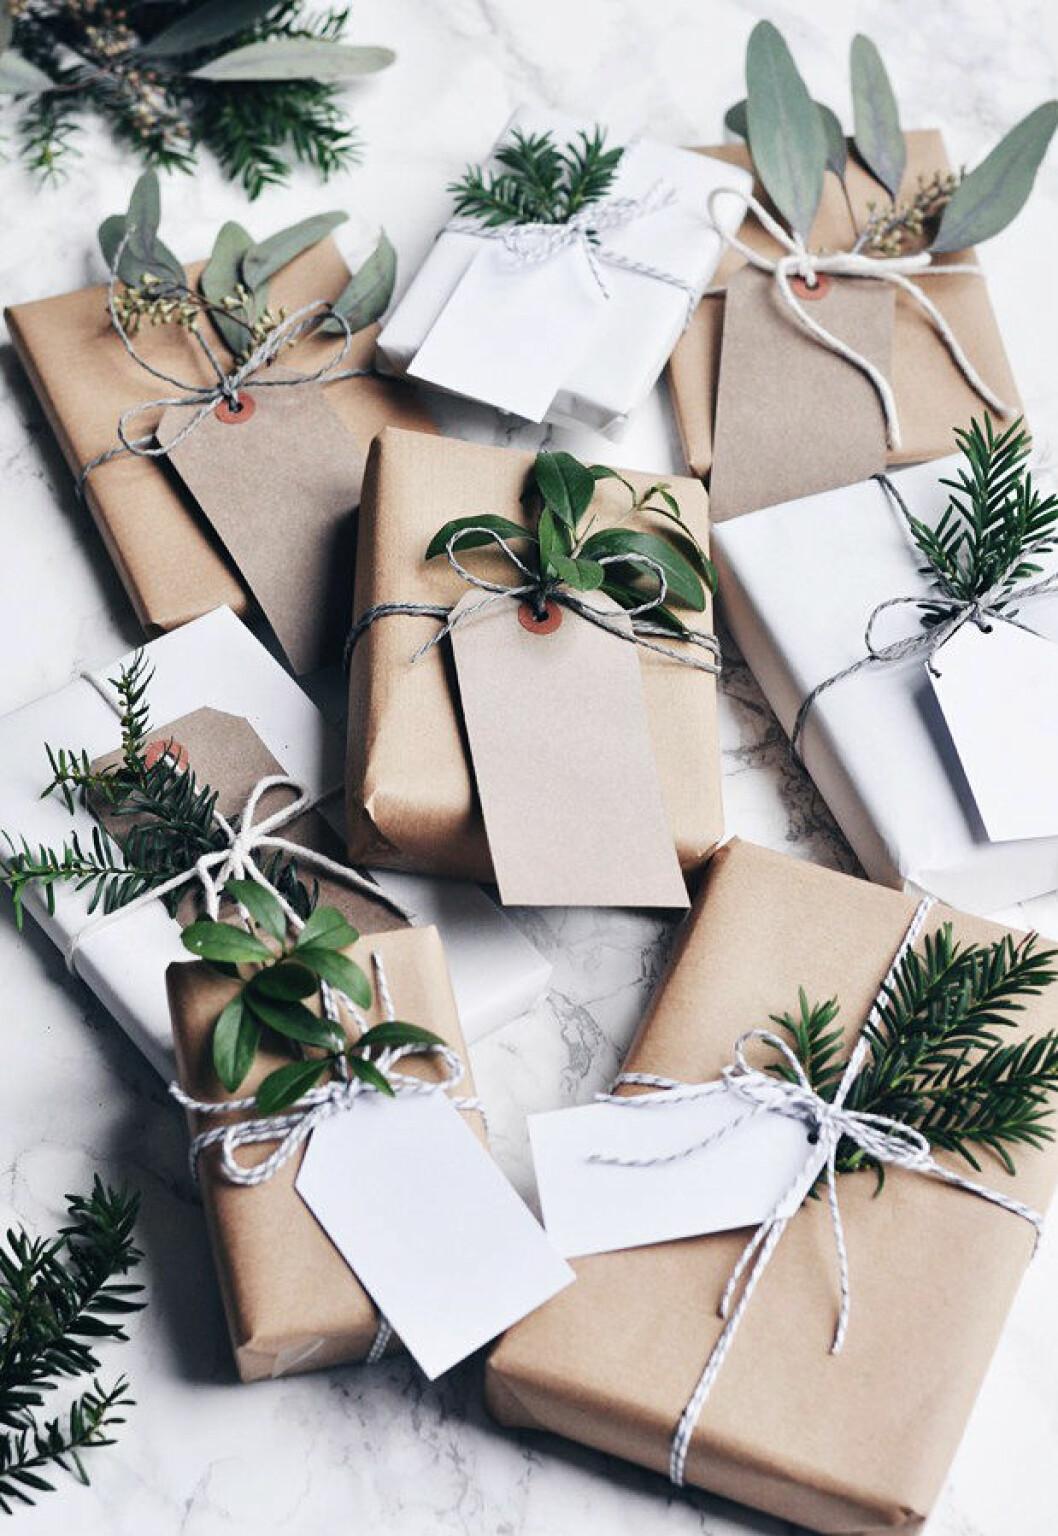 inslagning paket jul